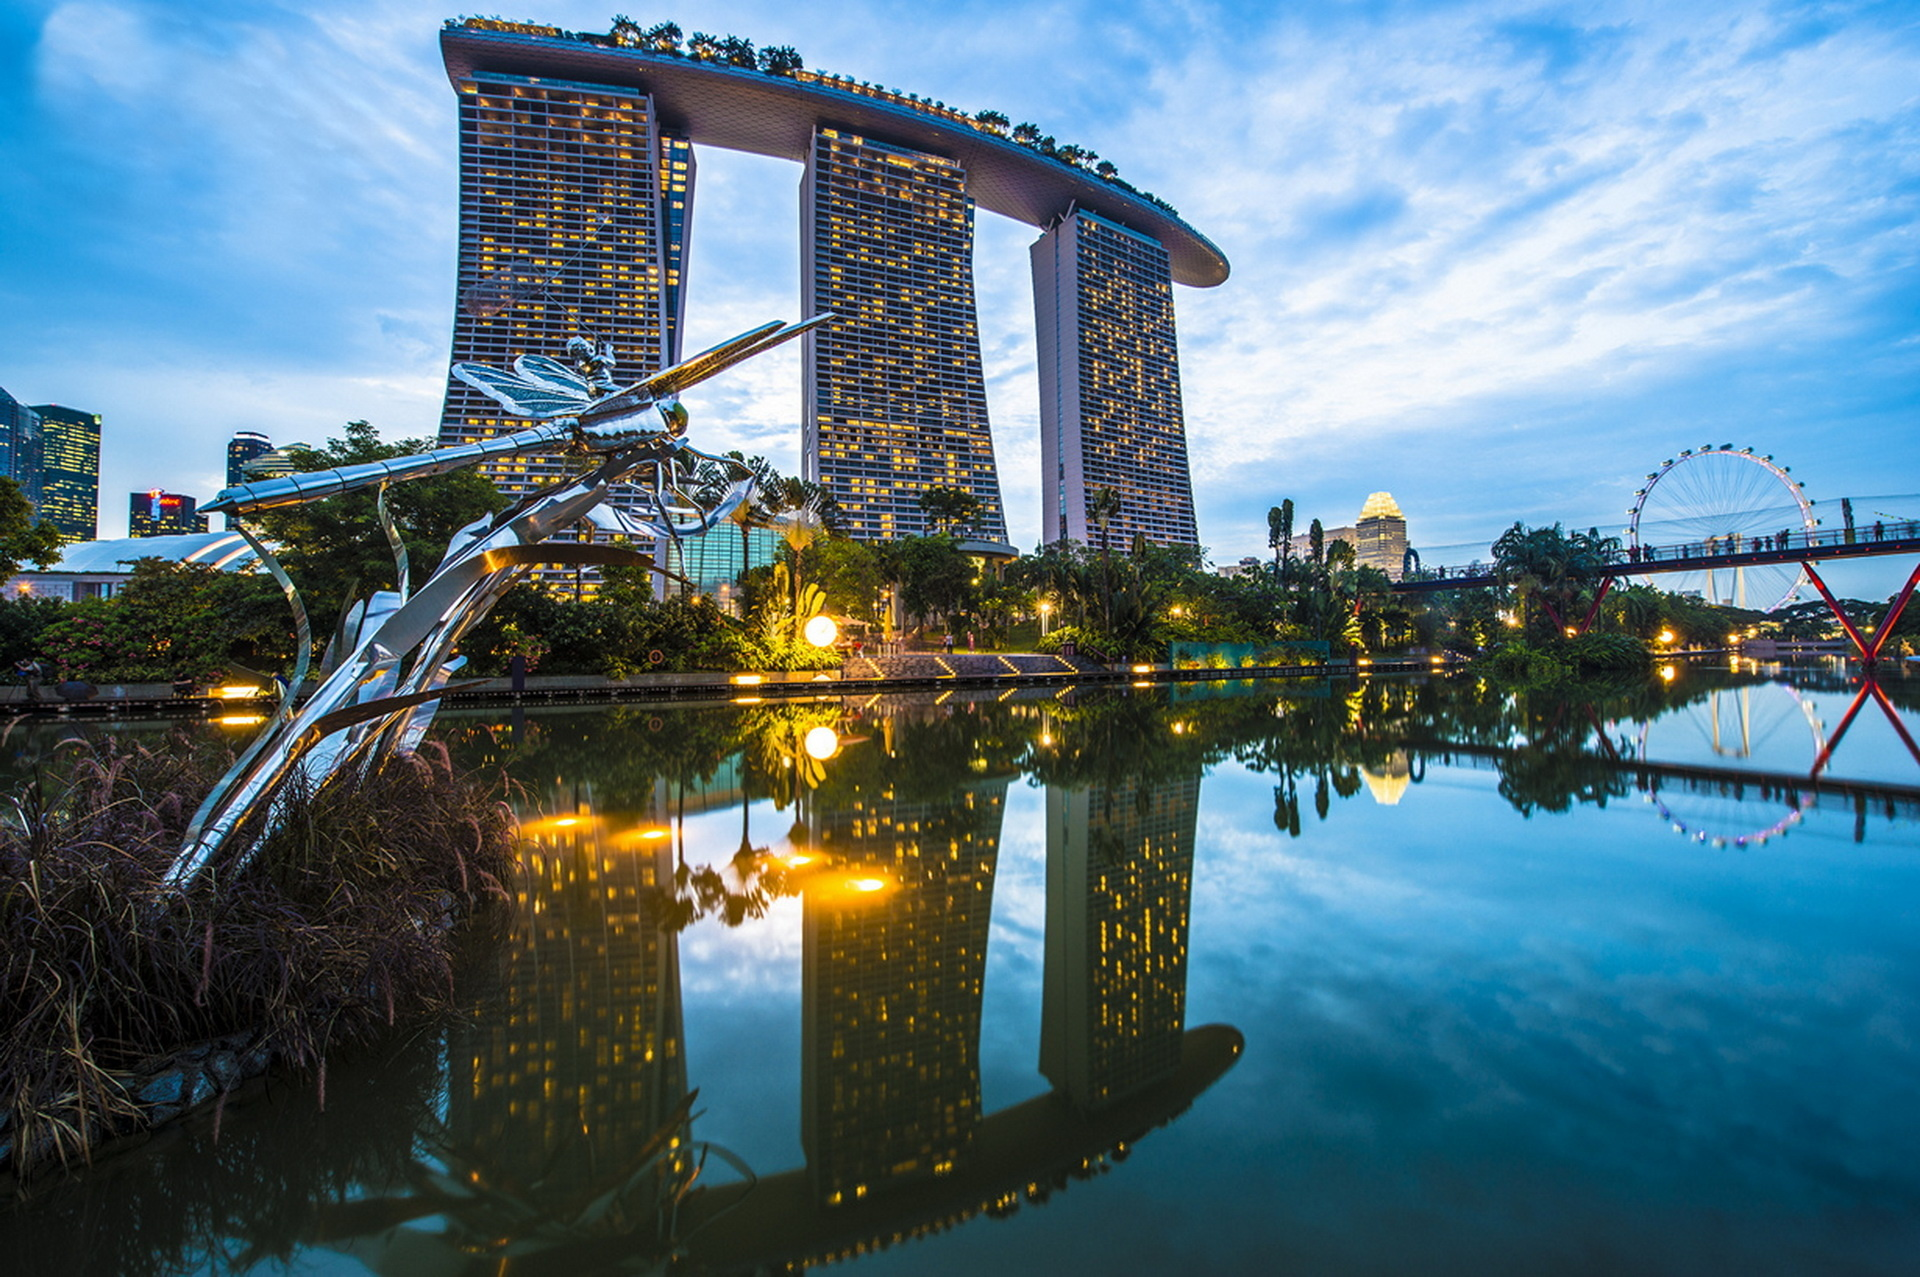 Обои Облака, здания, набережная, красота. Города foto 14